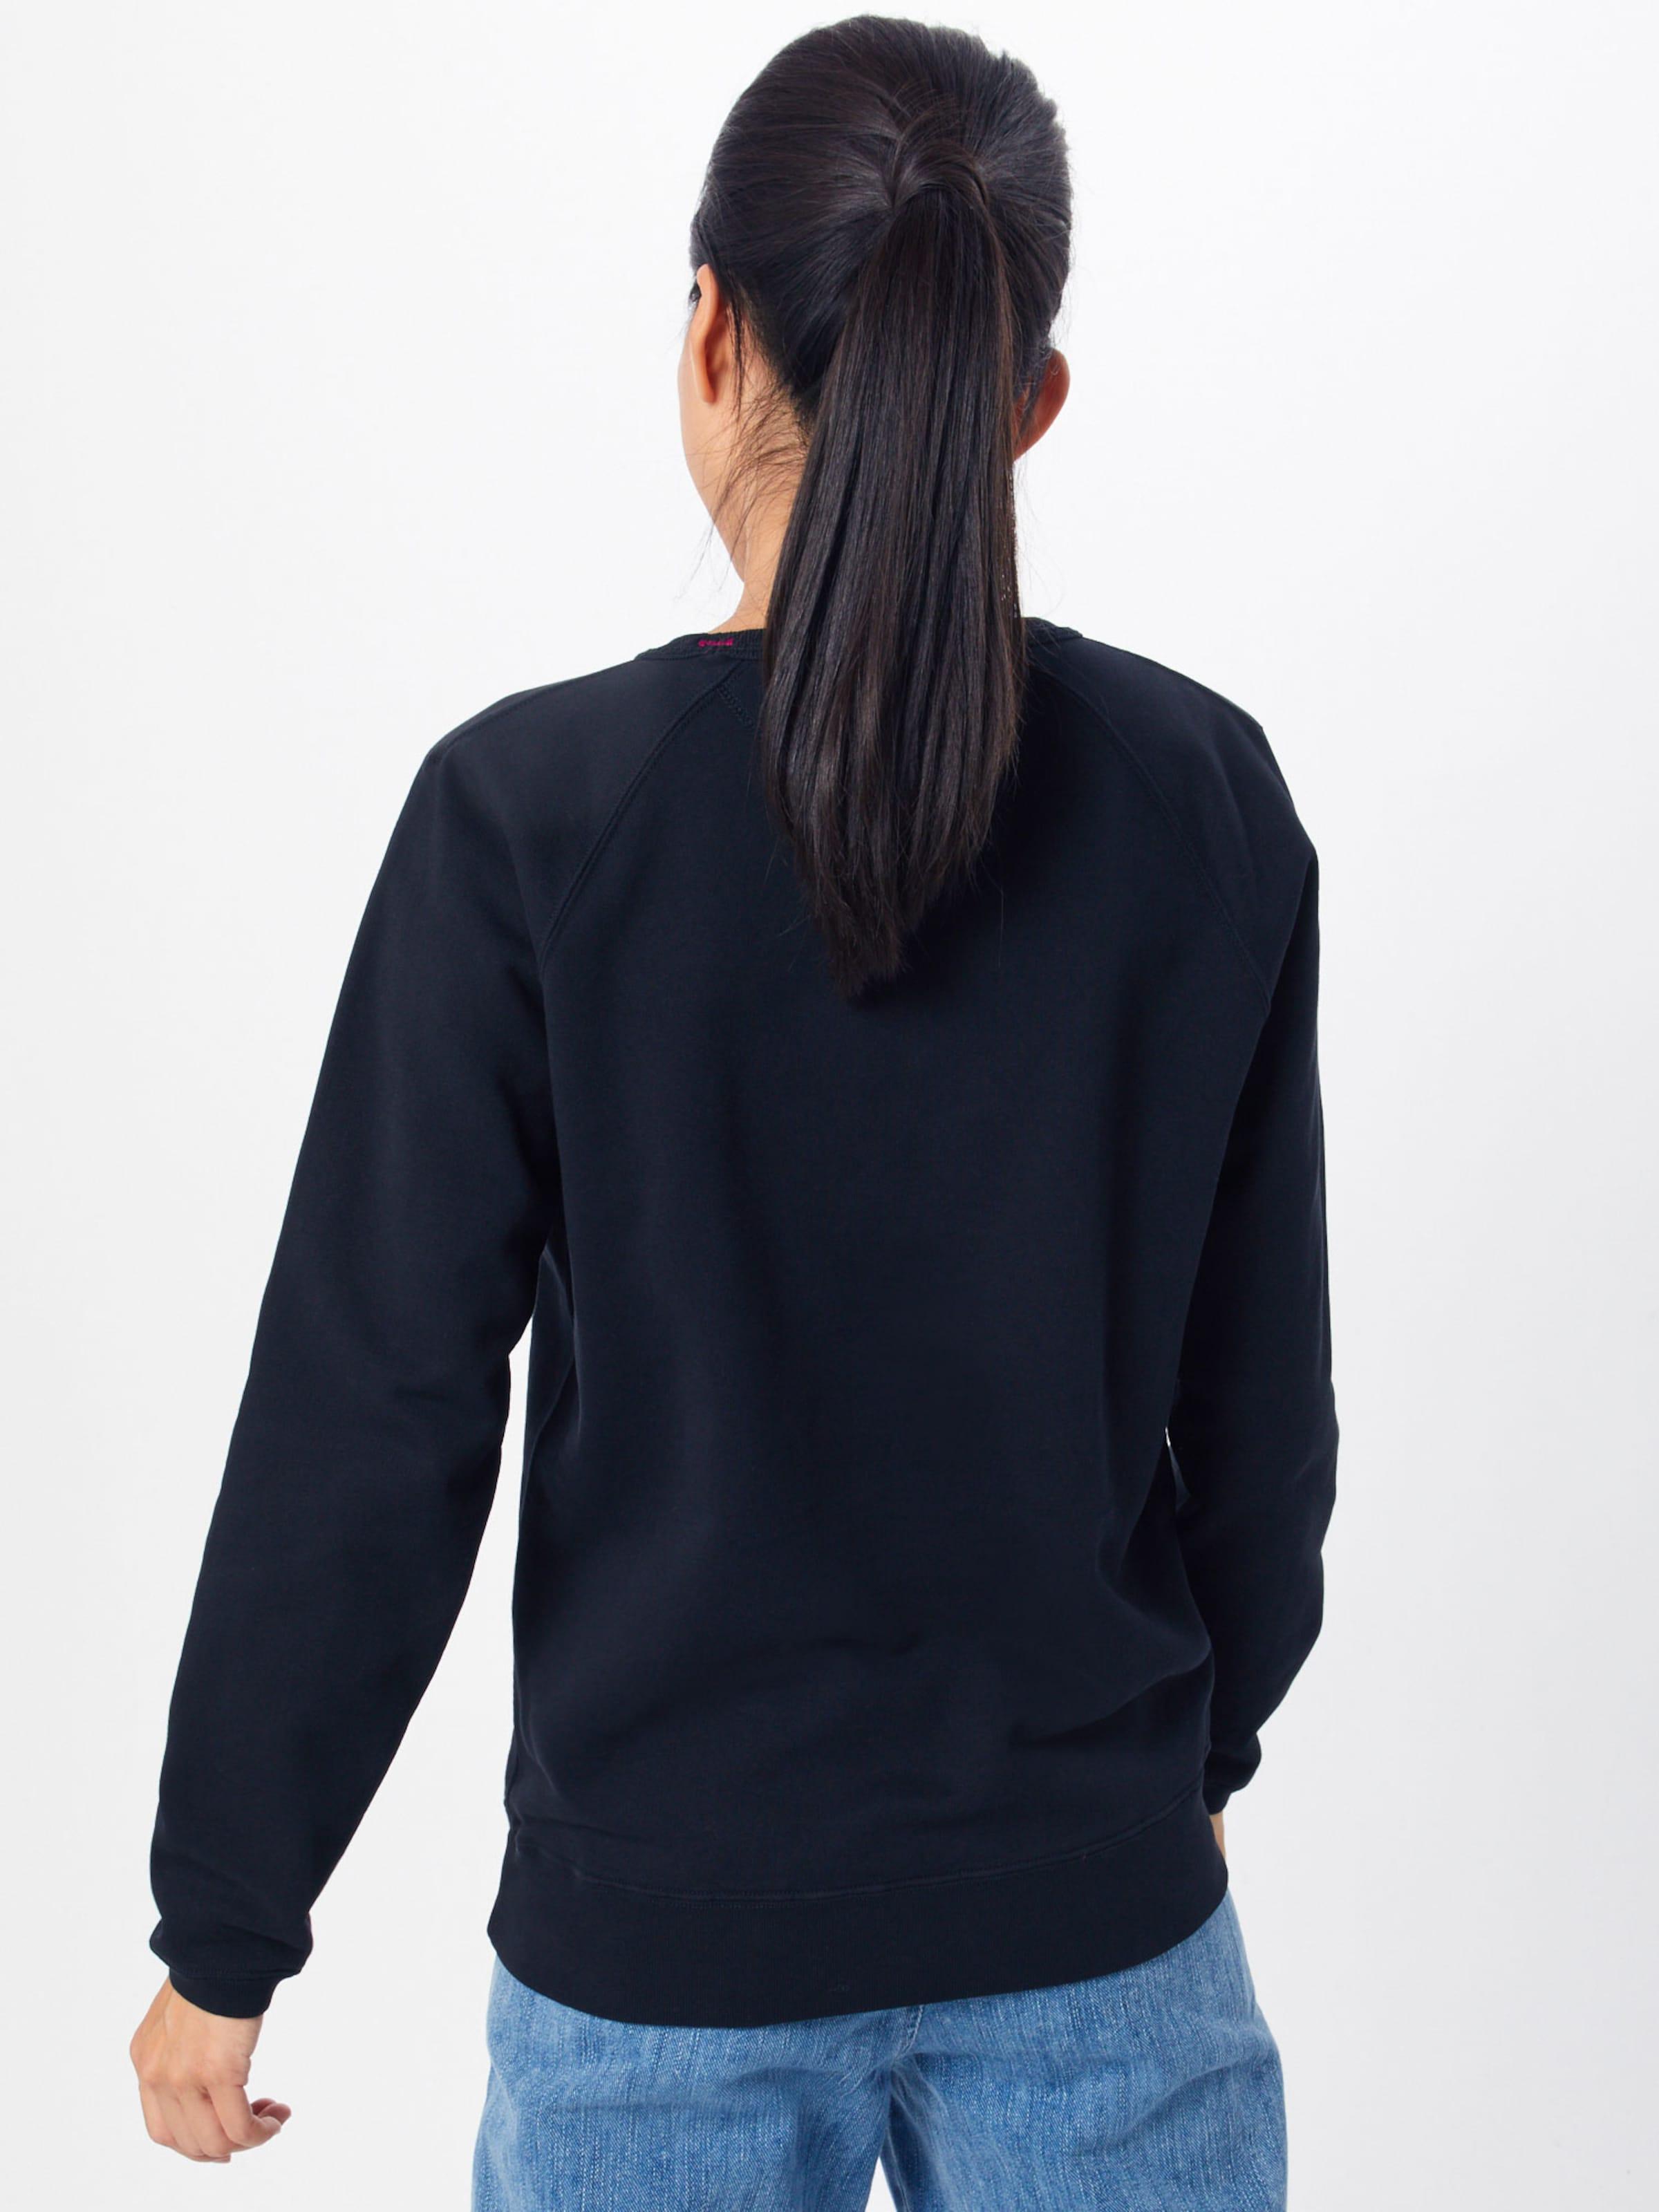 shirt Noir Sweat En Best Company Pknw0O8